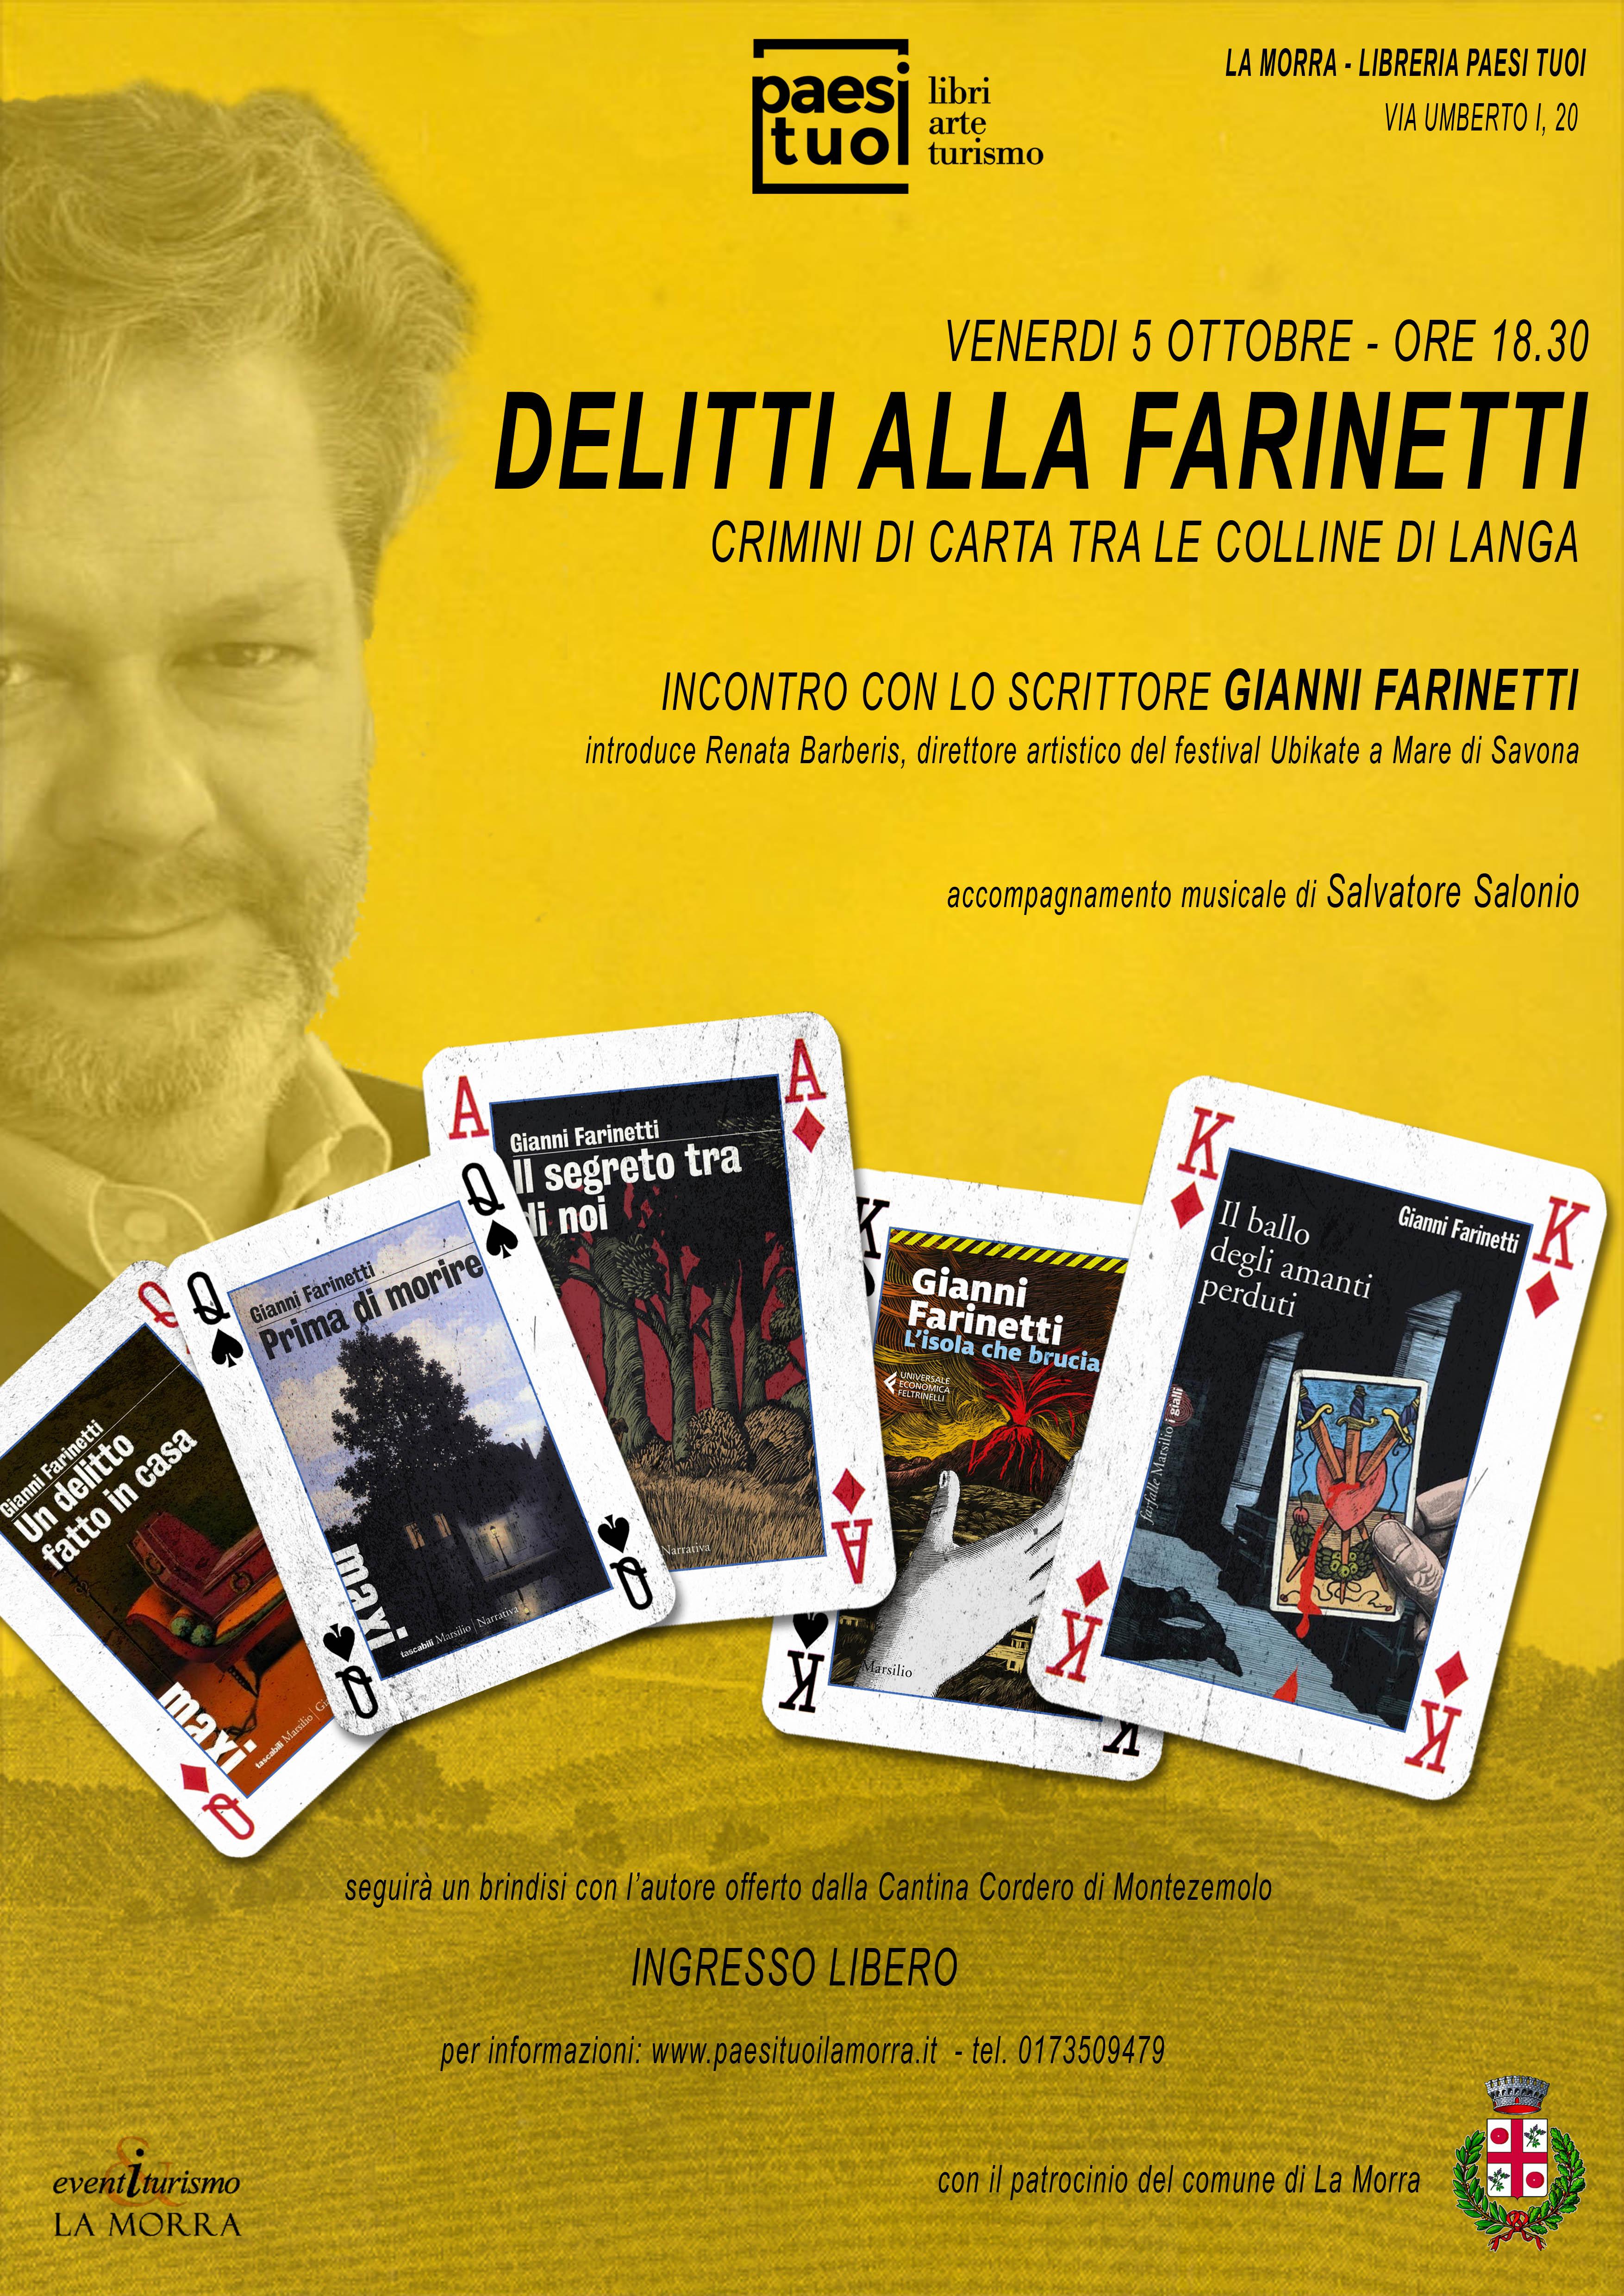 5-ottobre-incontro-gianni-farinetti-002